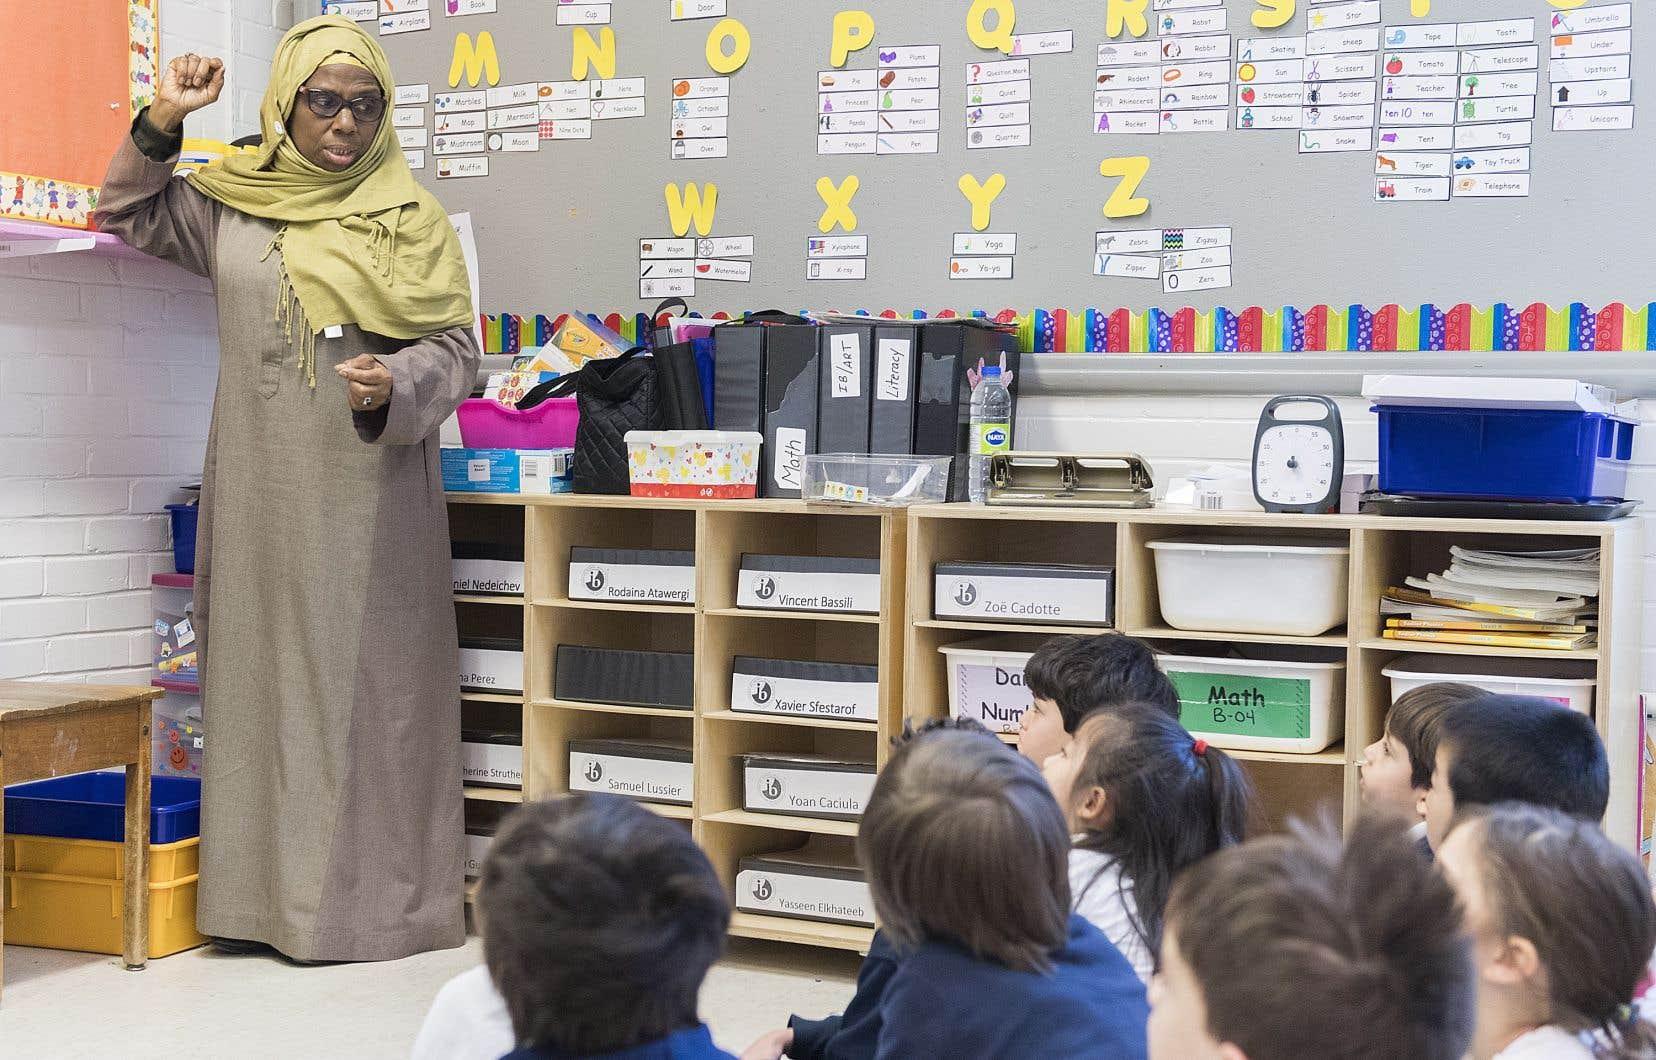 L'initiative de la commission scolaire survient dans un contexte tendu causé par la Loi sur la laïcité.